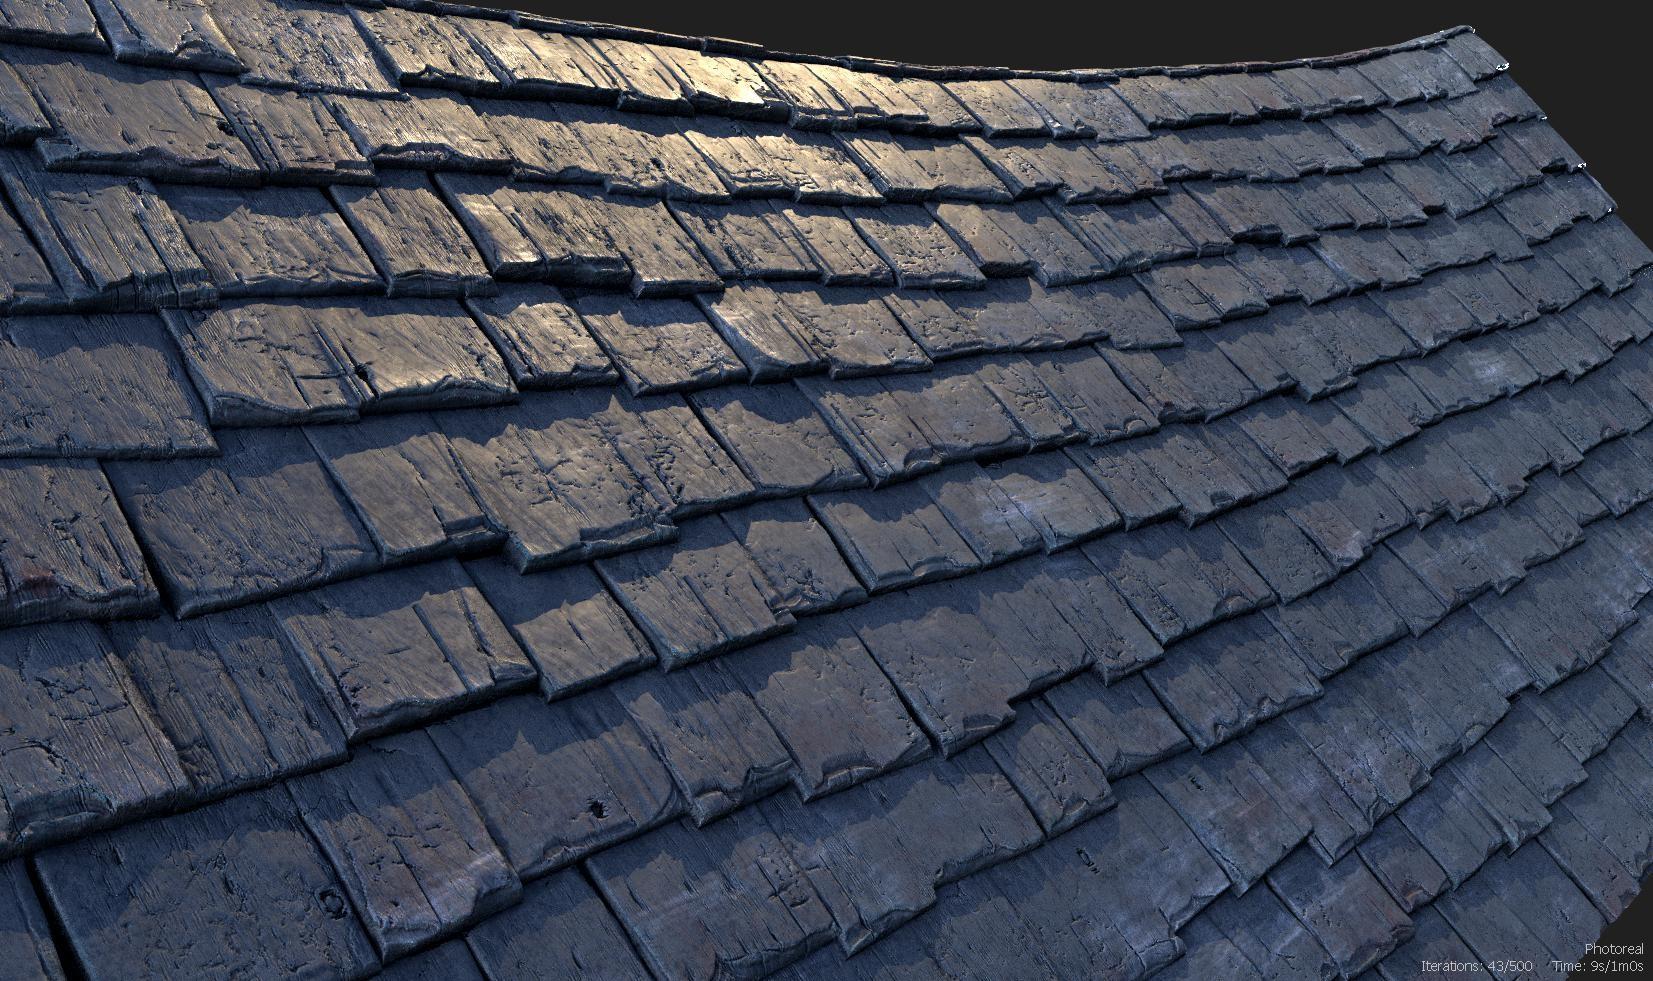 ArtStation - Roof Tiles, Christopher Evans